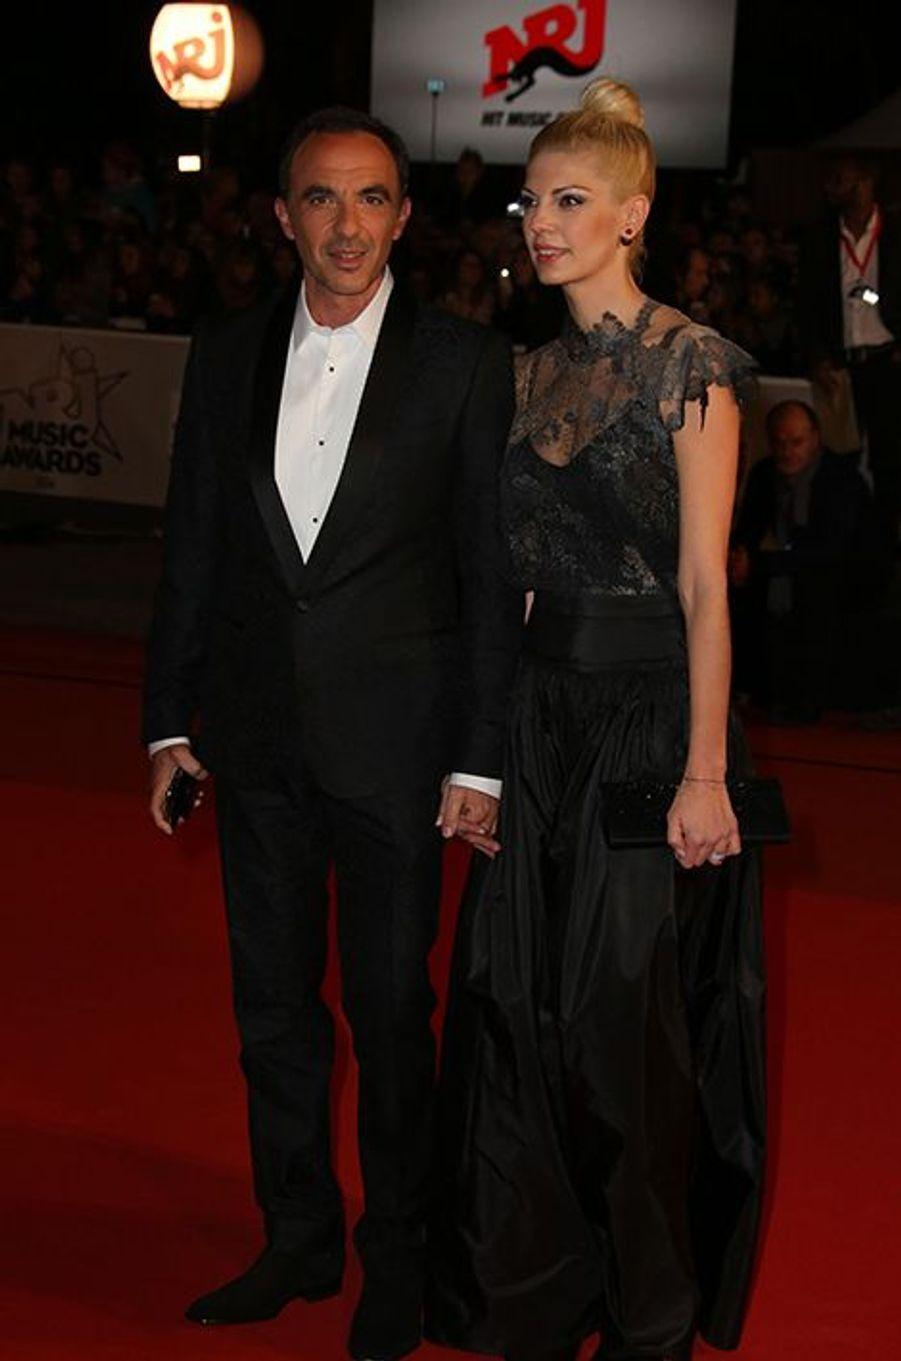 Nikos Aliagas et son épouse, Tina, à Cannes le 13 décembre 2014